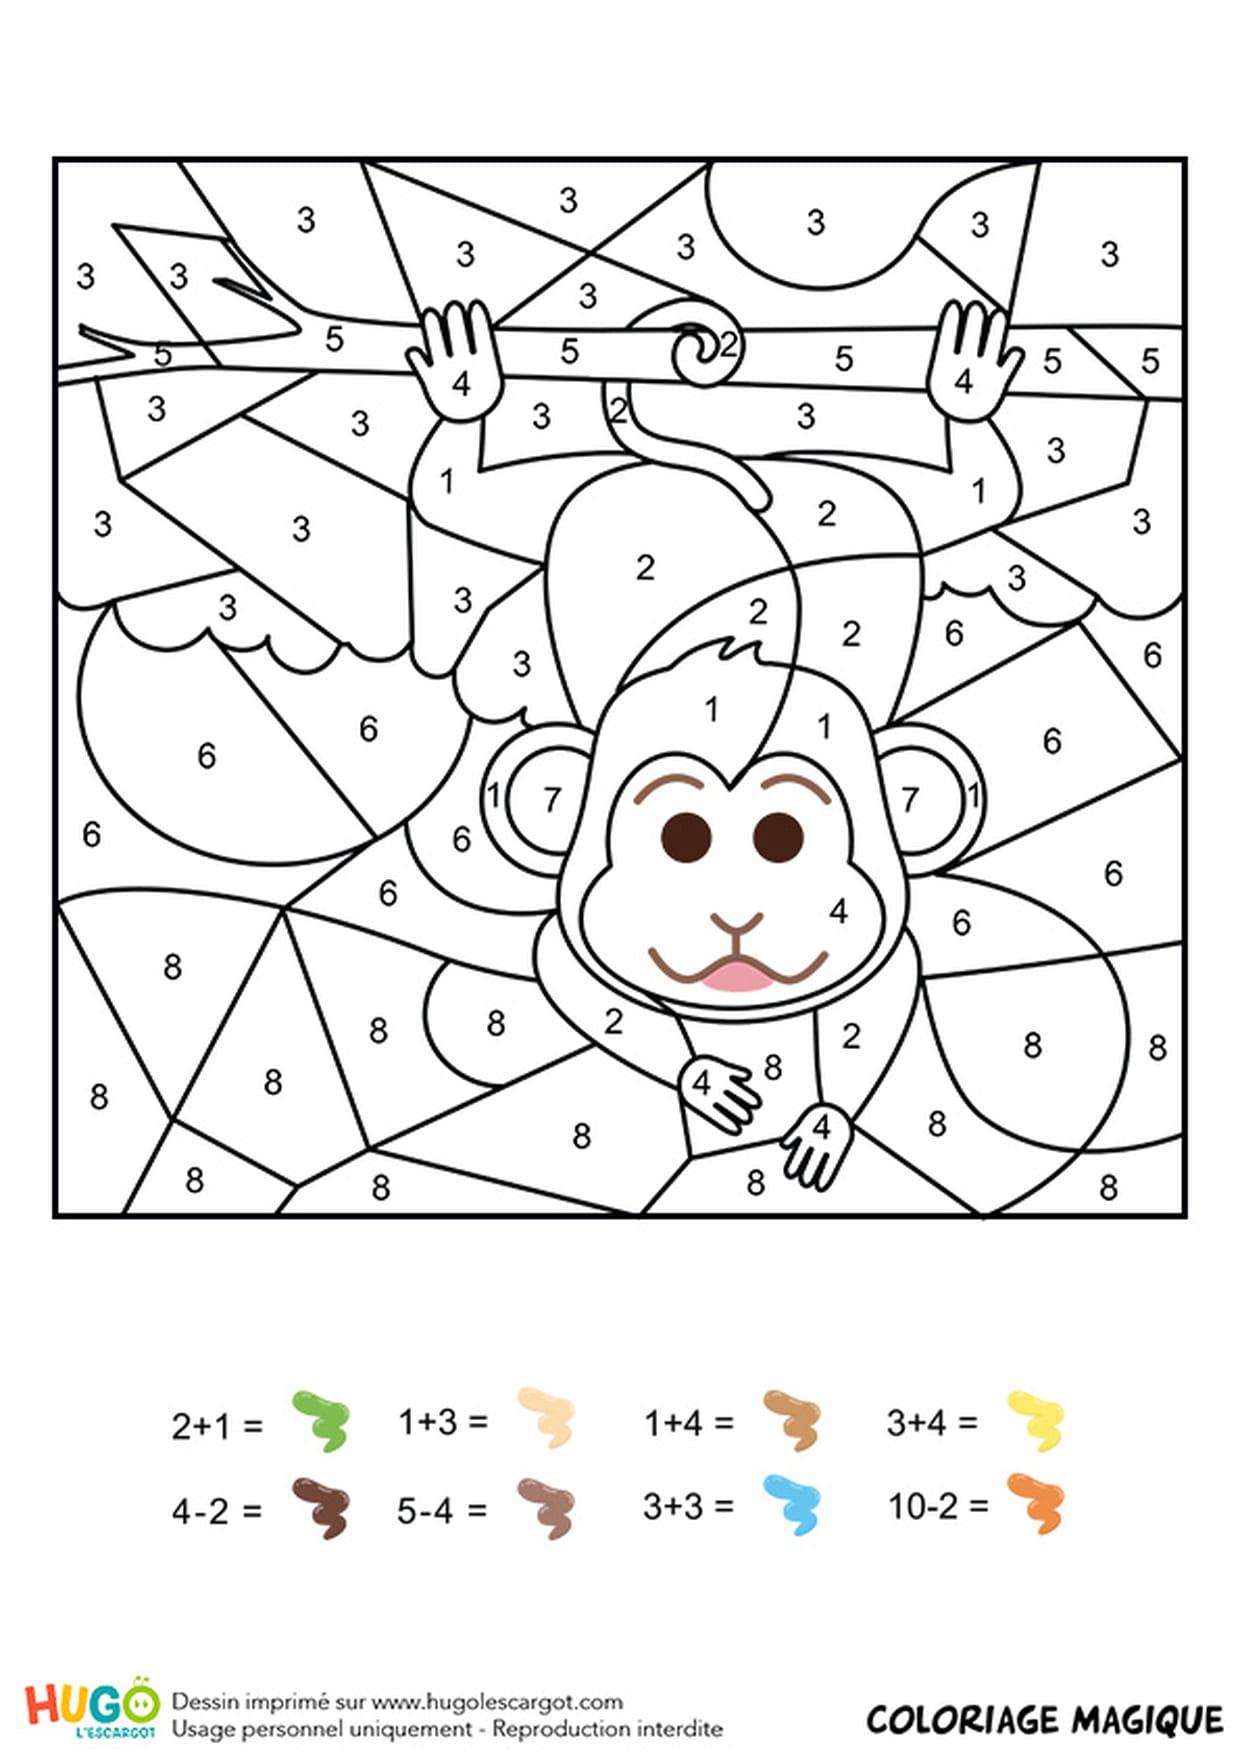 Coloriage Magique Cp Maths A Imprimer.Coloriage Magique Cp Un Singe Facetieux